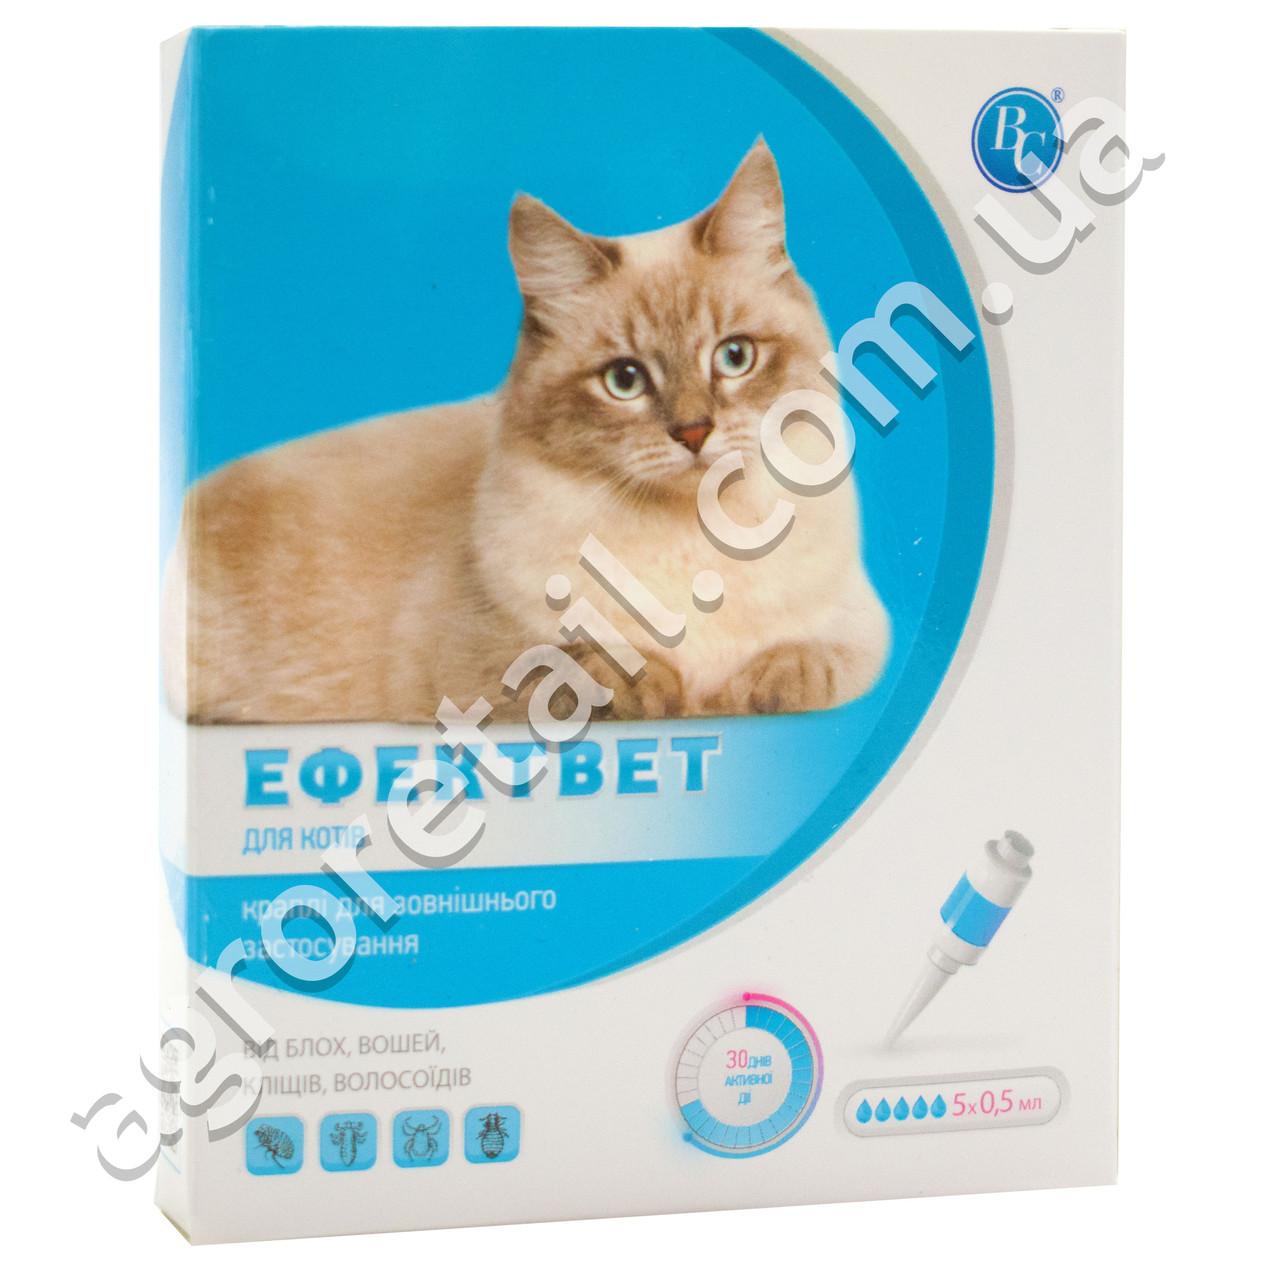 Эффектвет капли для котов 5 пипеток по 0.5 мл